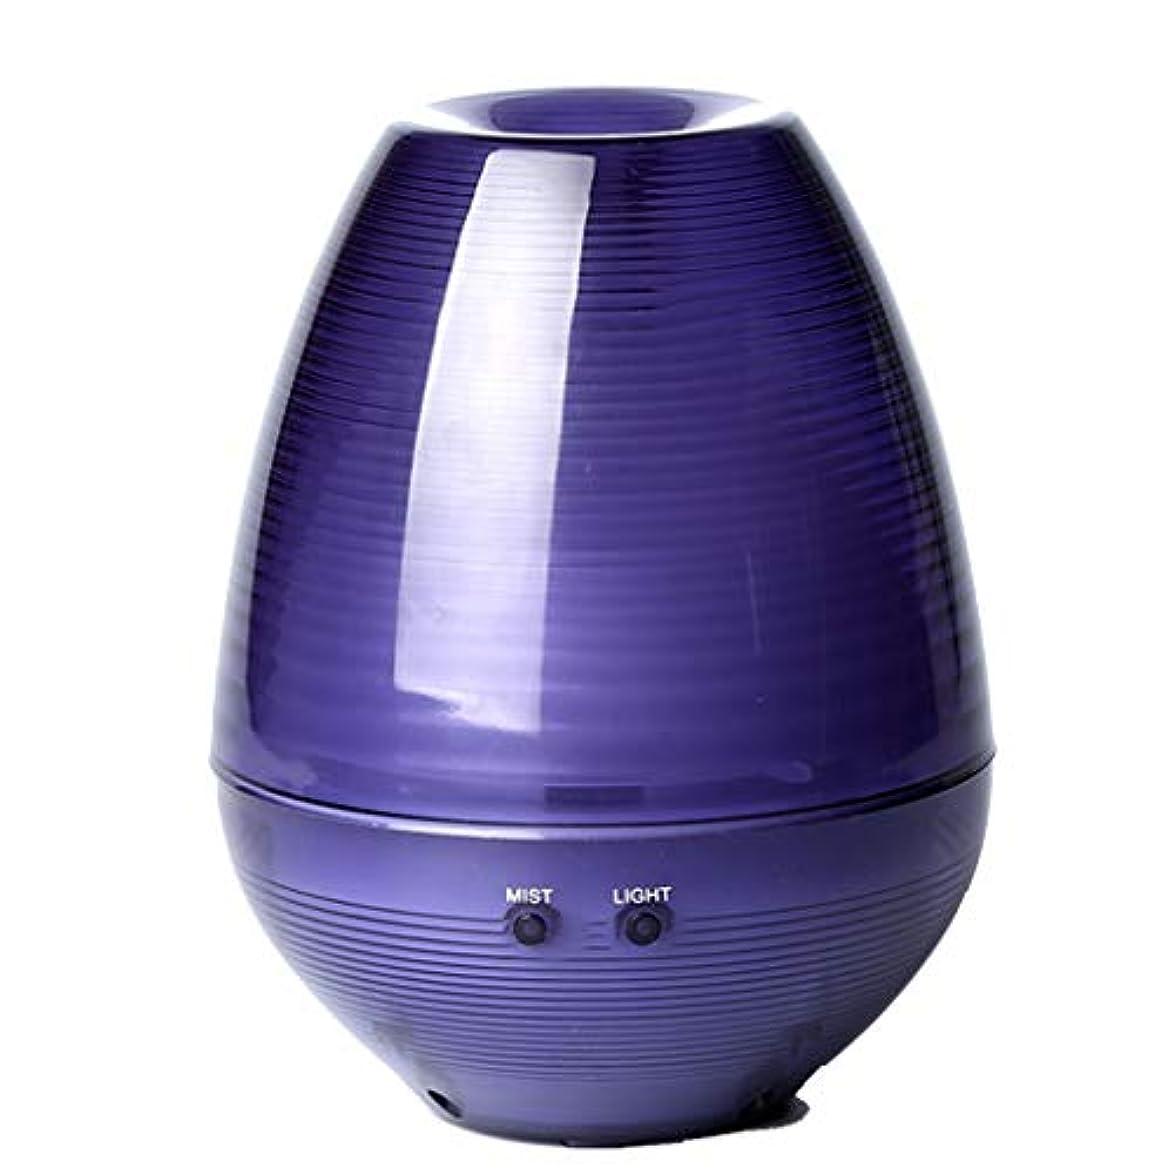 新鮮なローブカップアロマセラピーエッセンシャルオイルディフューザー、アロマディフューザークールミスト加湿器ウォーターレスオートシャットオフホームオフィス用ヨガ (Color : Purple)